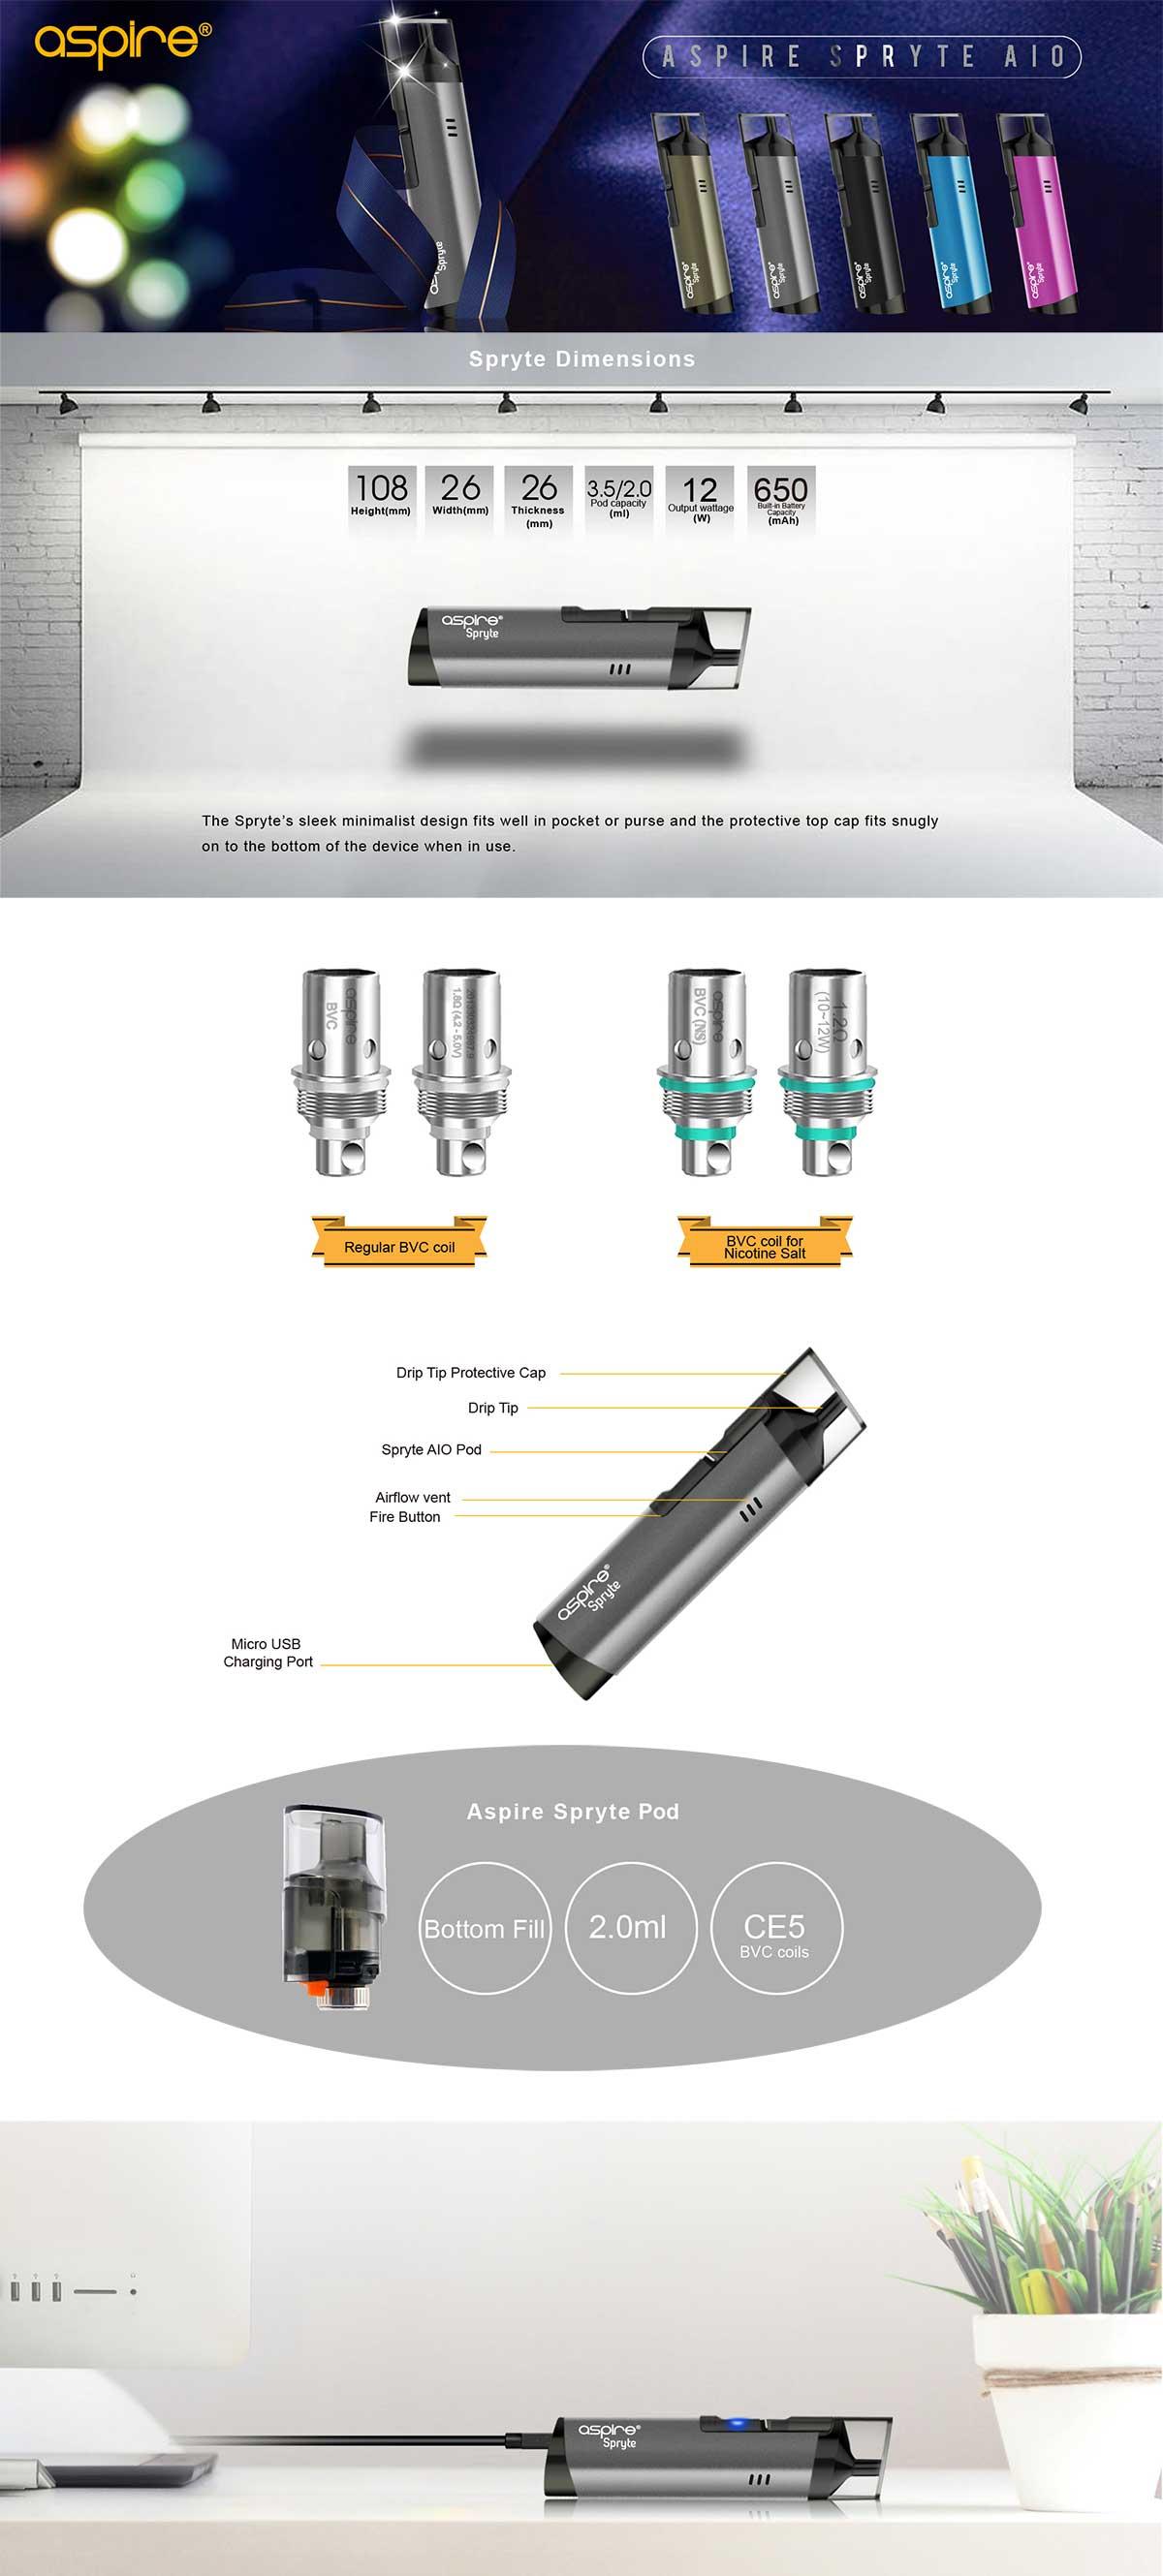 Aspire Spryte AIO Kit, detalle